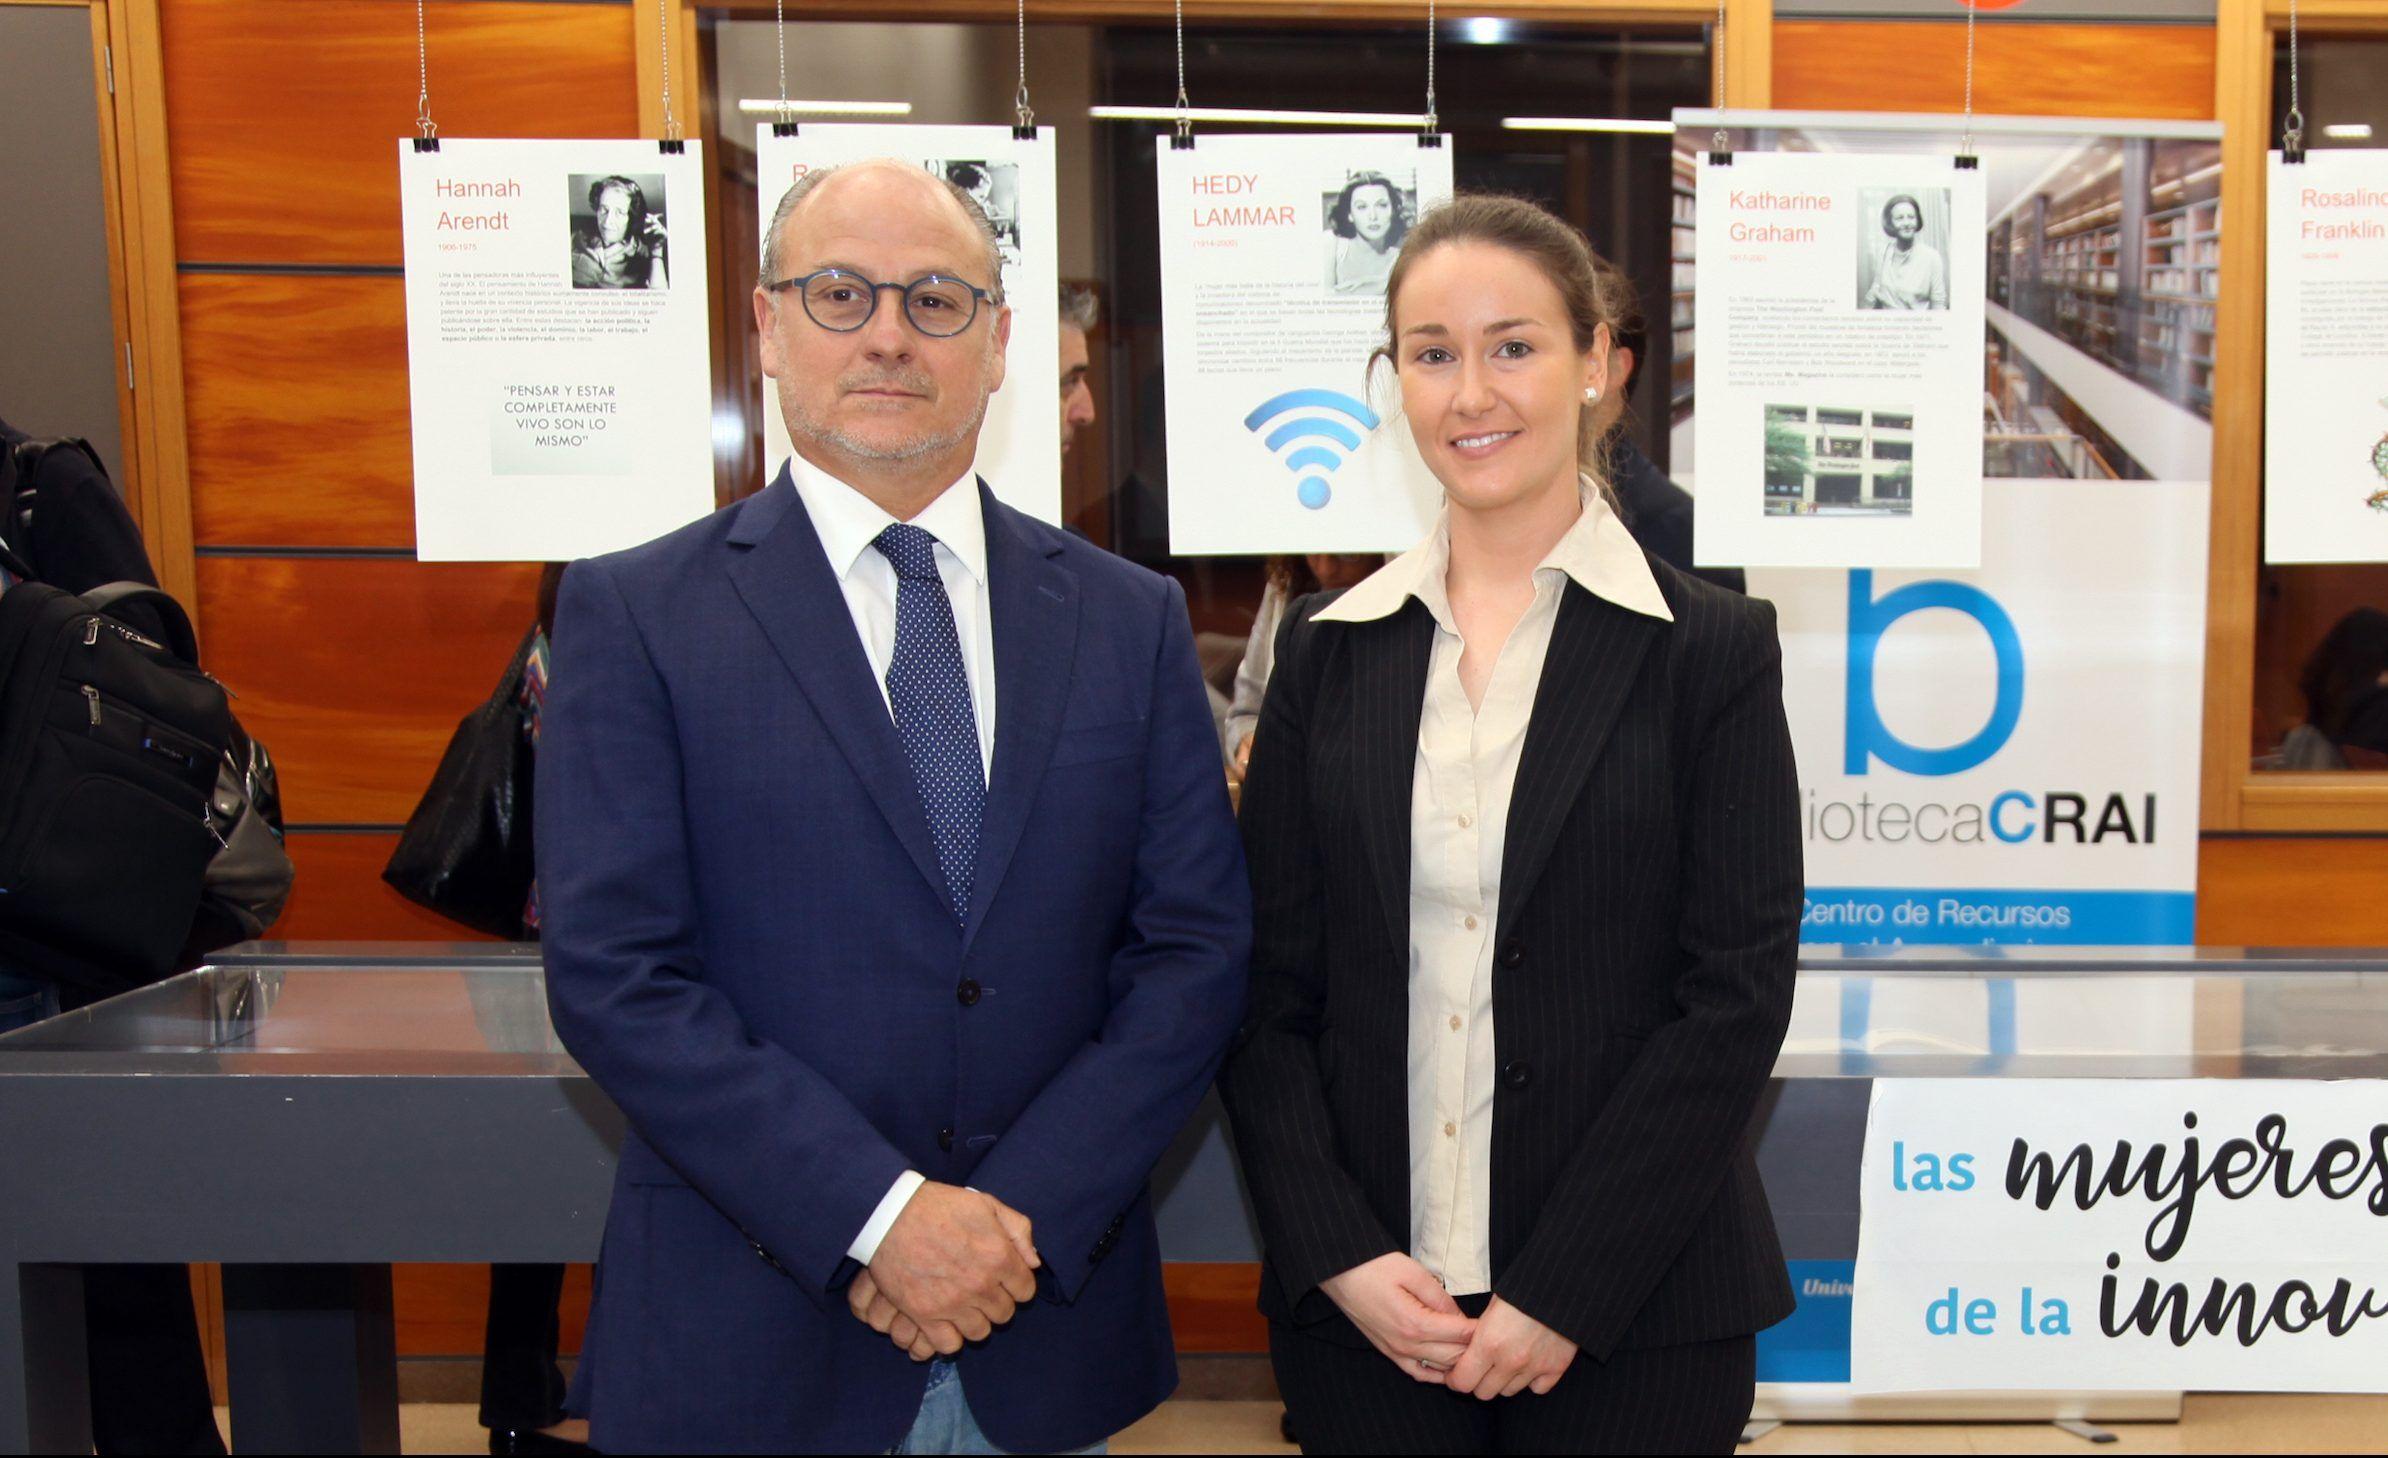 Los doctores José Piquer y María Pilar Chisbert, en la defensa de la tesis doctoral sobre infecciones del sitio quirúrgico en neurocirugía.